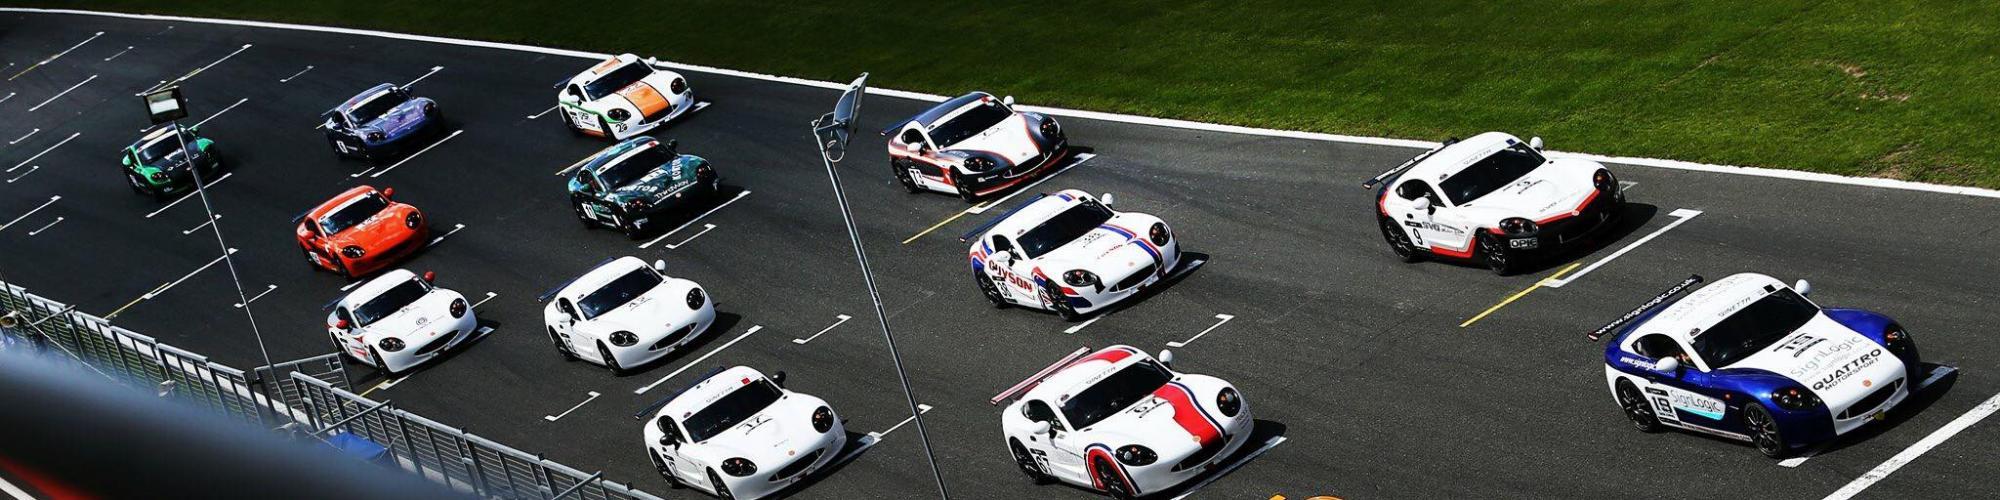 Want 2 Race